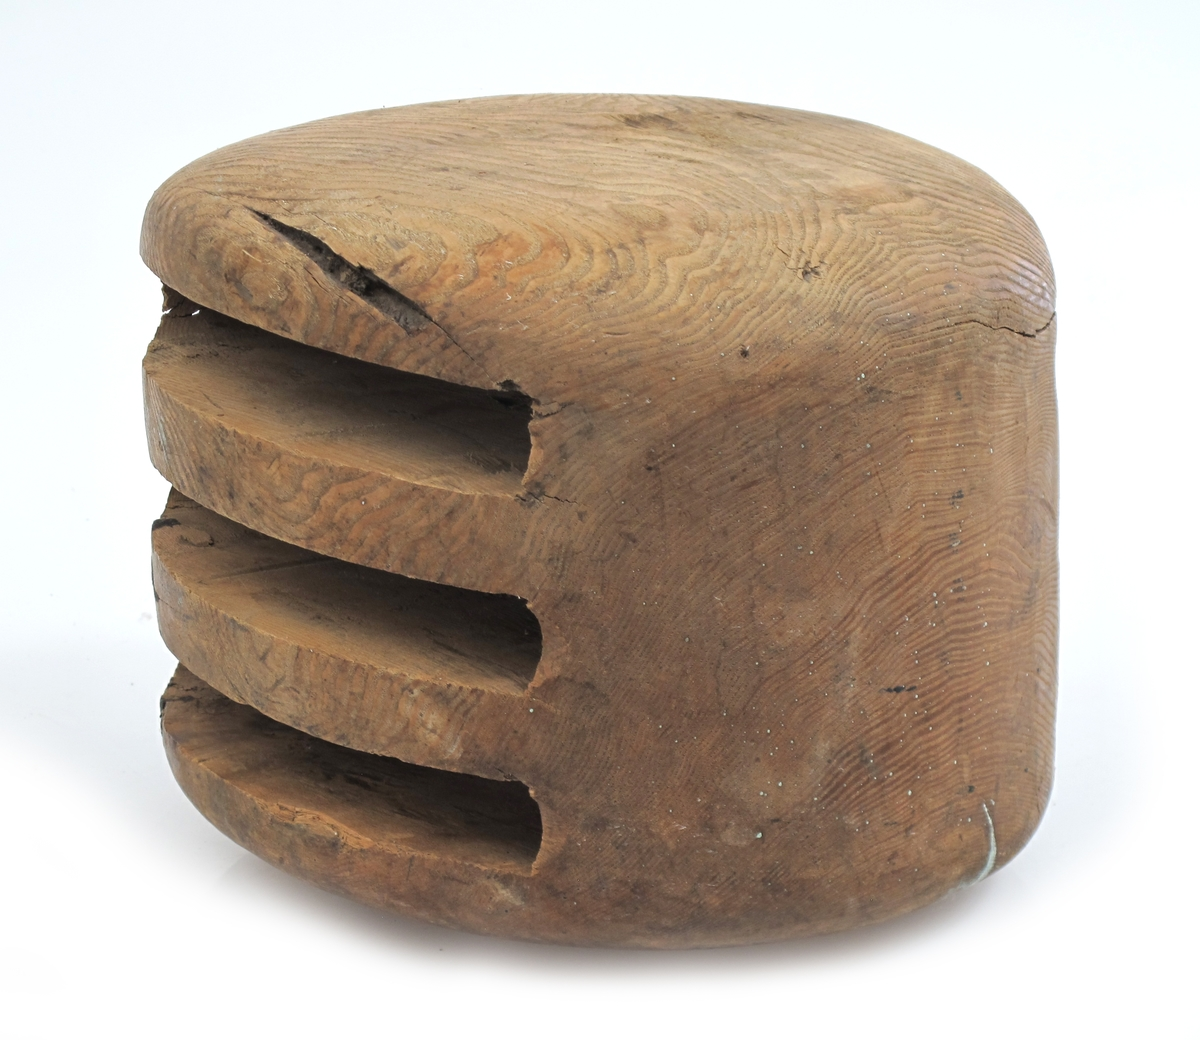 Treskåret blokkhus, arbeidet av ett stykke ask. Uregelmessig overflate på den ene siden og blokkhuset er trolig underkjent pga dette.  En uferdig blokk, skiver og nagle mangler, skyliping til stropp mangler, og overflaten er ikke innsatt med olje eller maling.